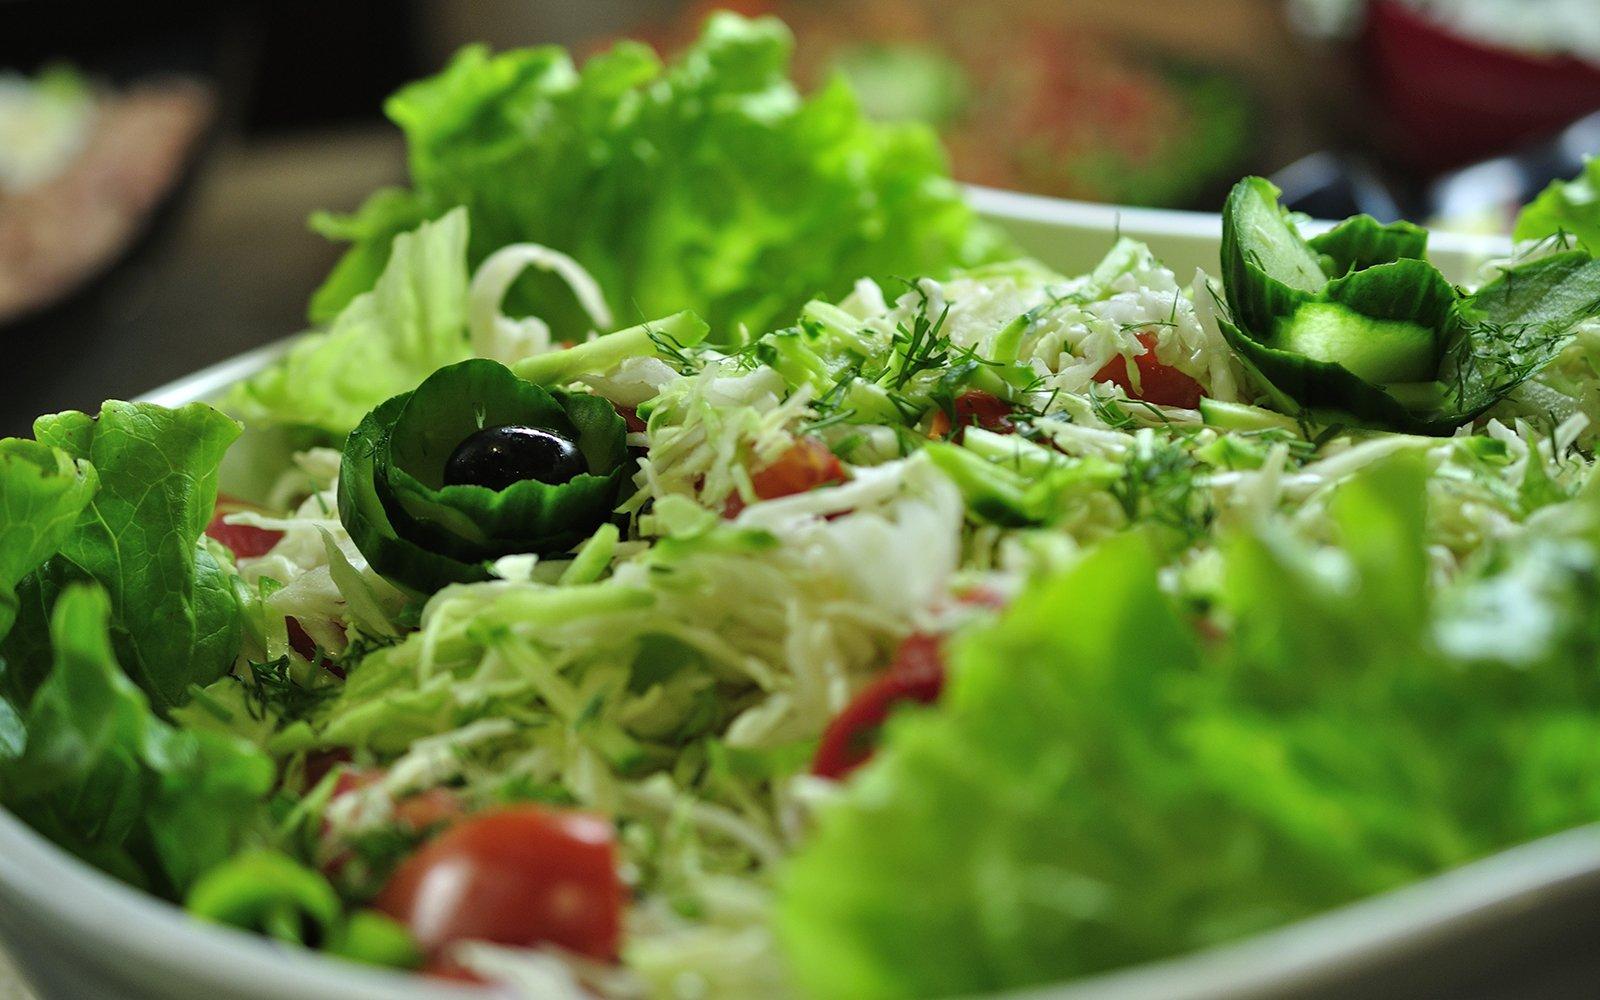 Una insalatiera con insalata e pomodorini